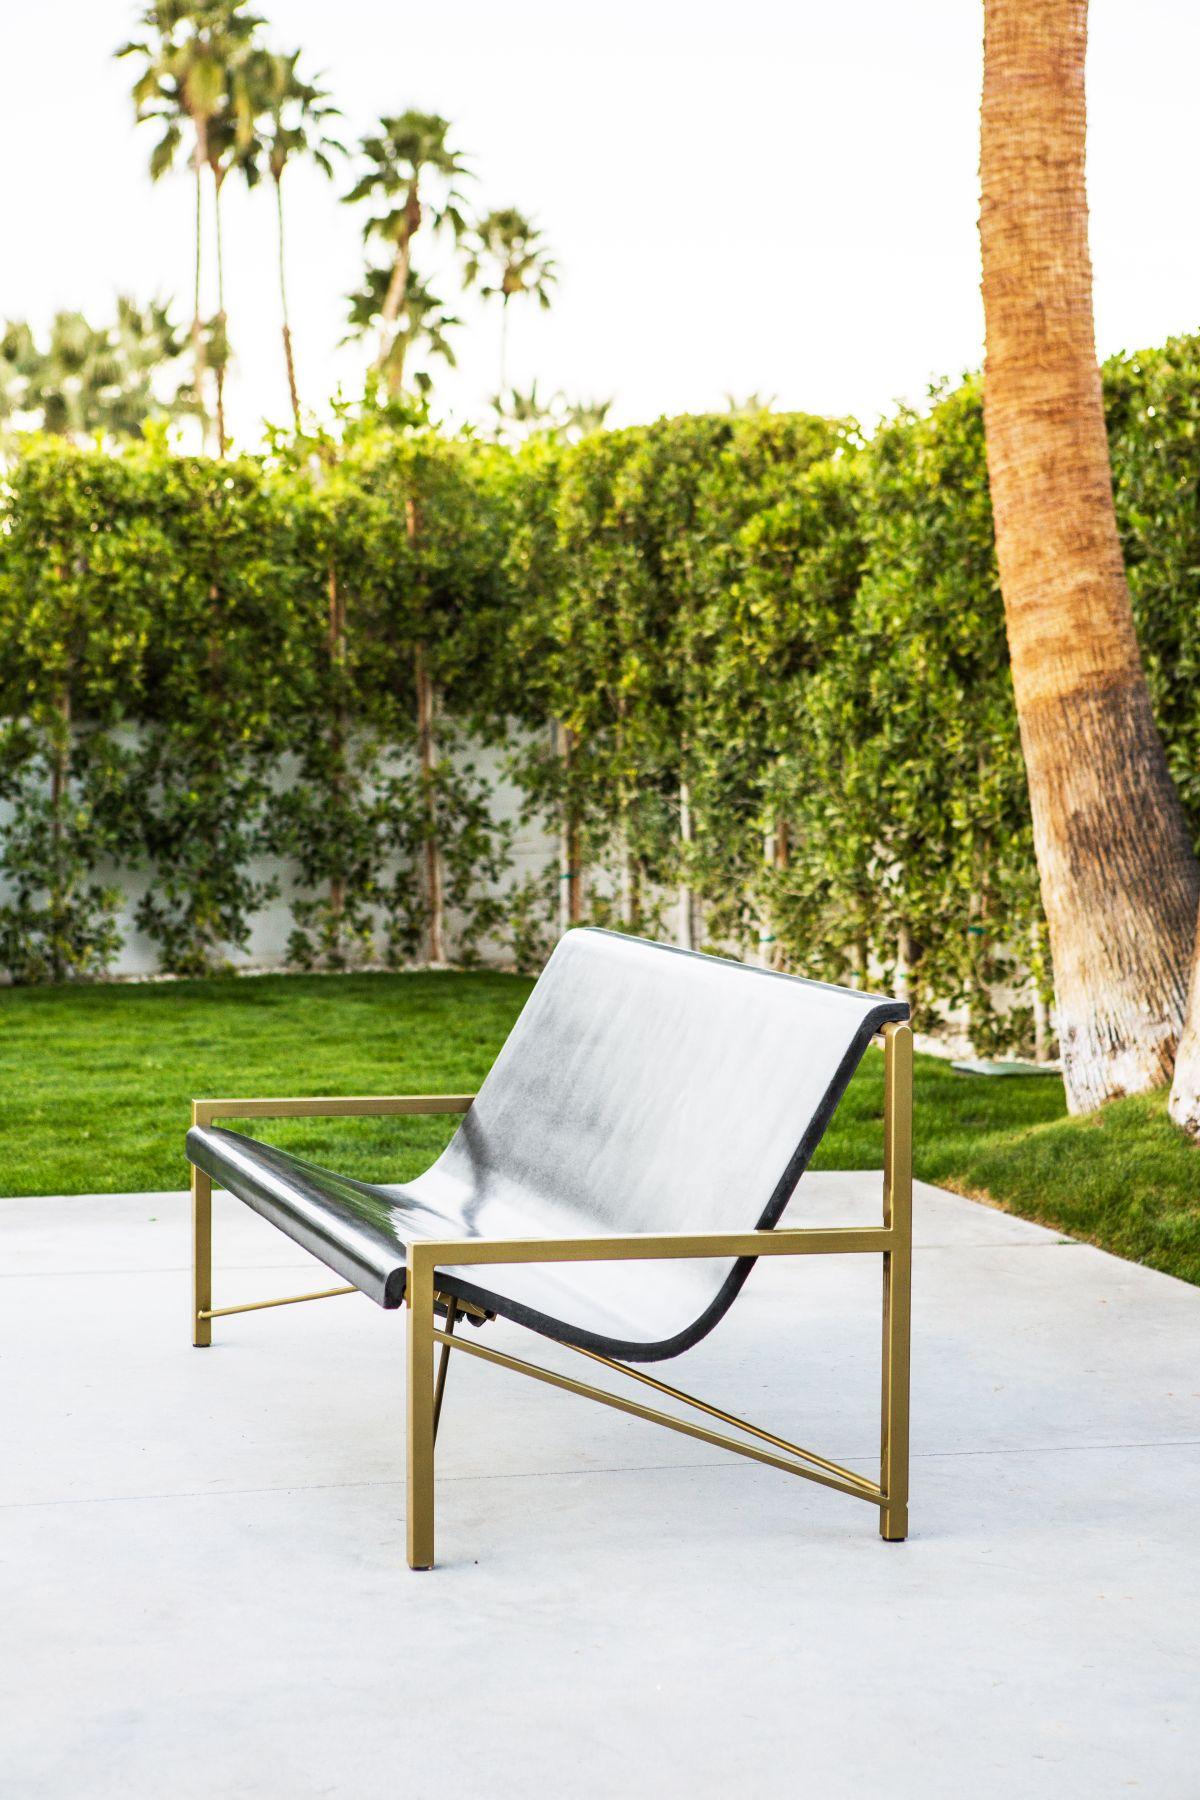 Delicieux Galanter U0026 Jones Heat Up The Outdoor Furniture Market